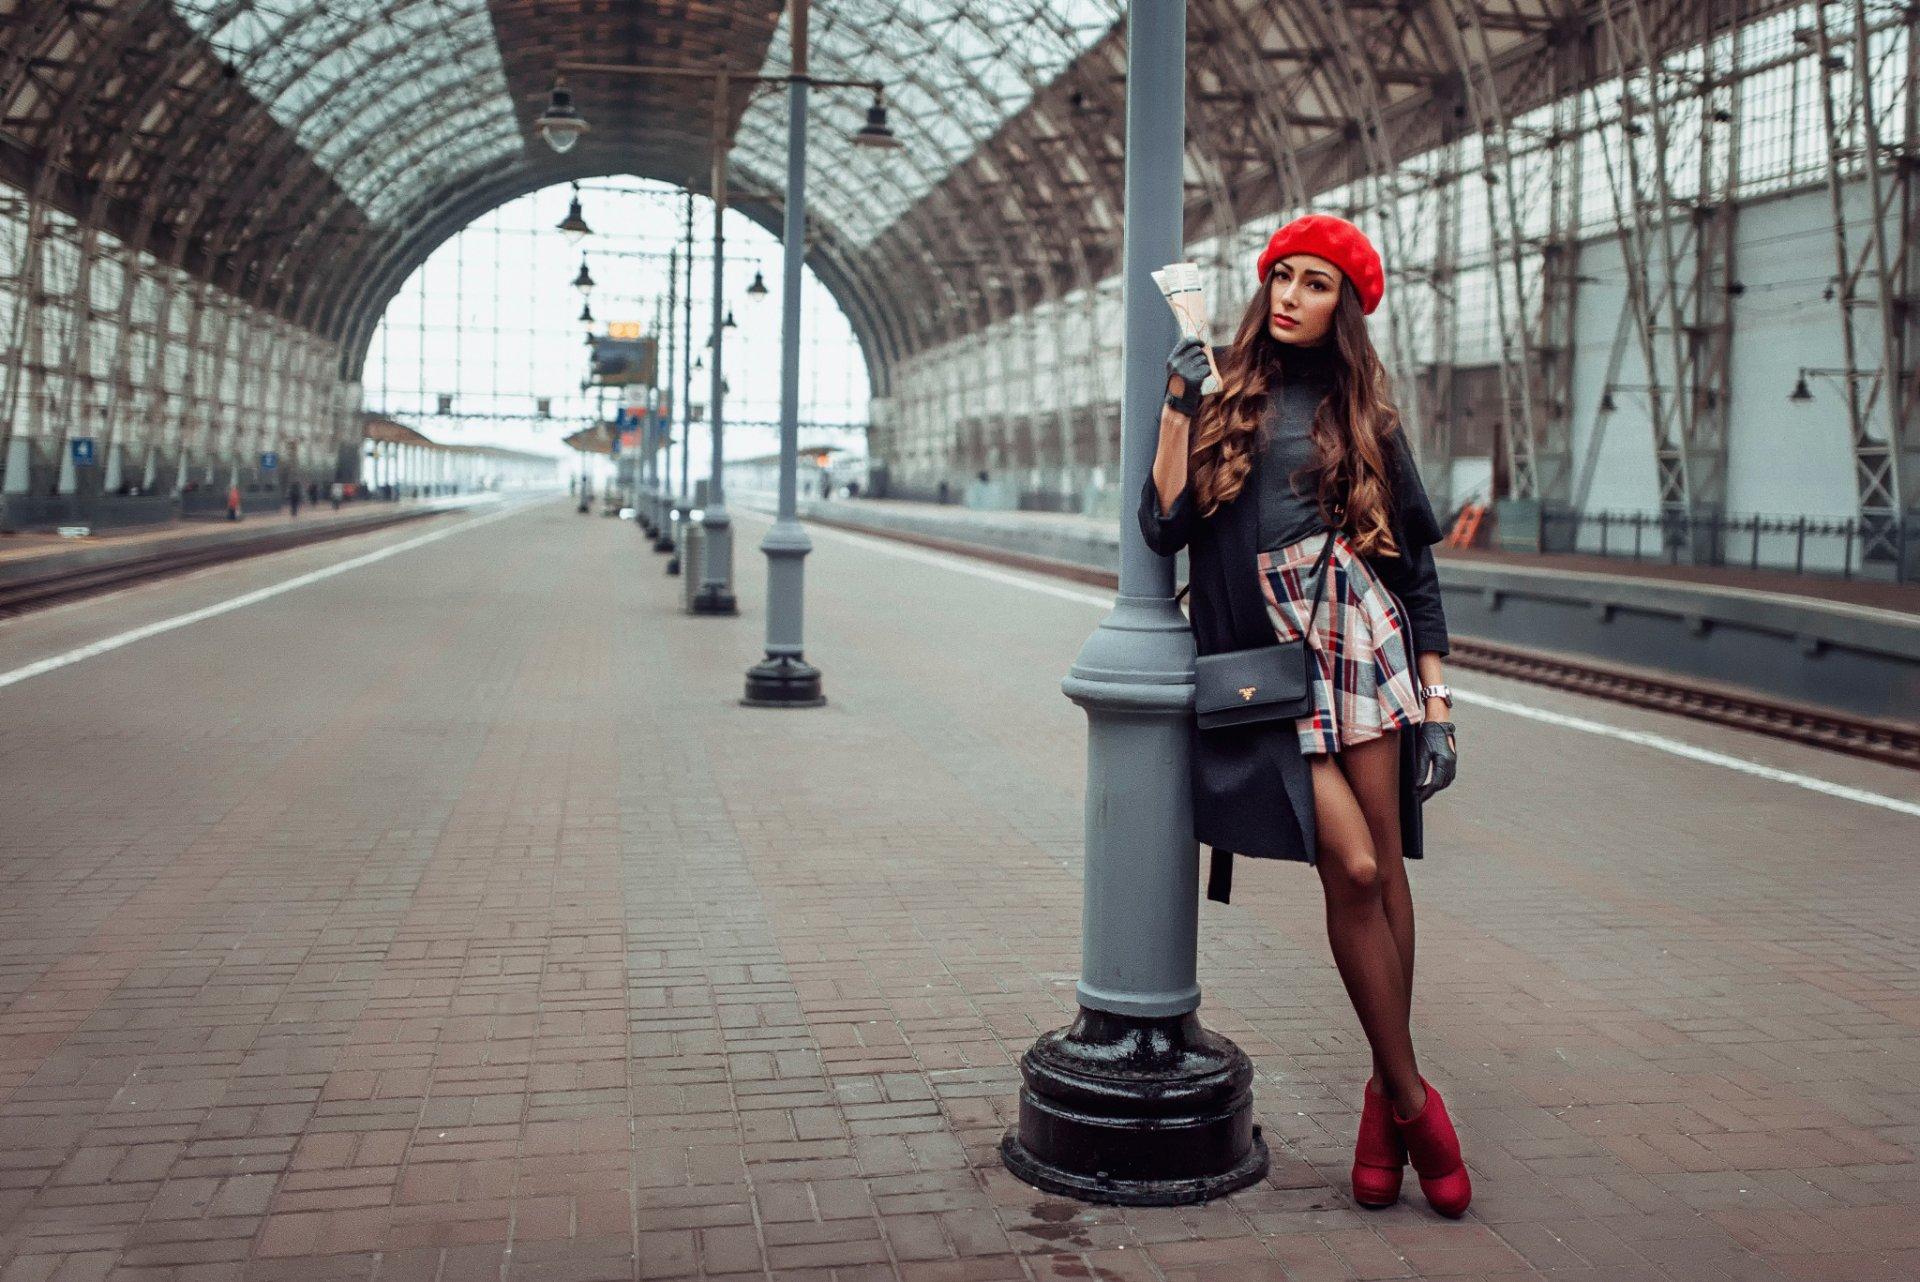 Молодую девушку полностью досмотрели на вокзале